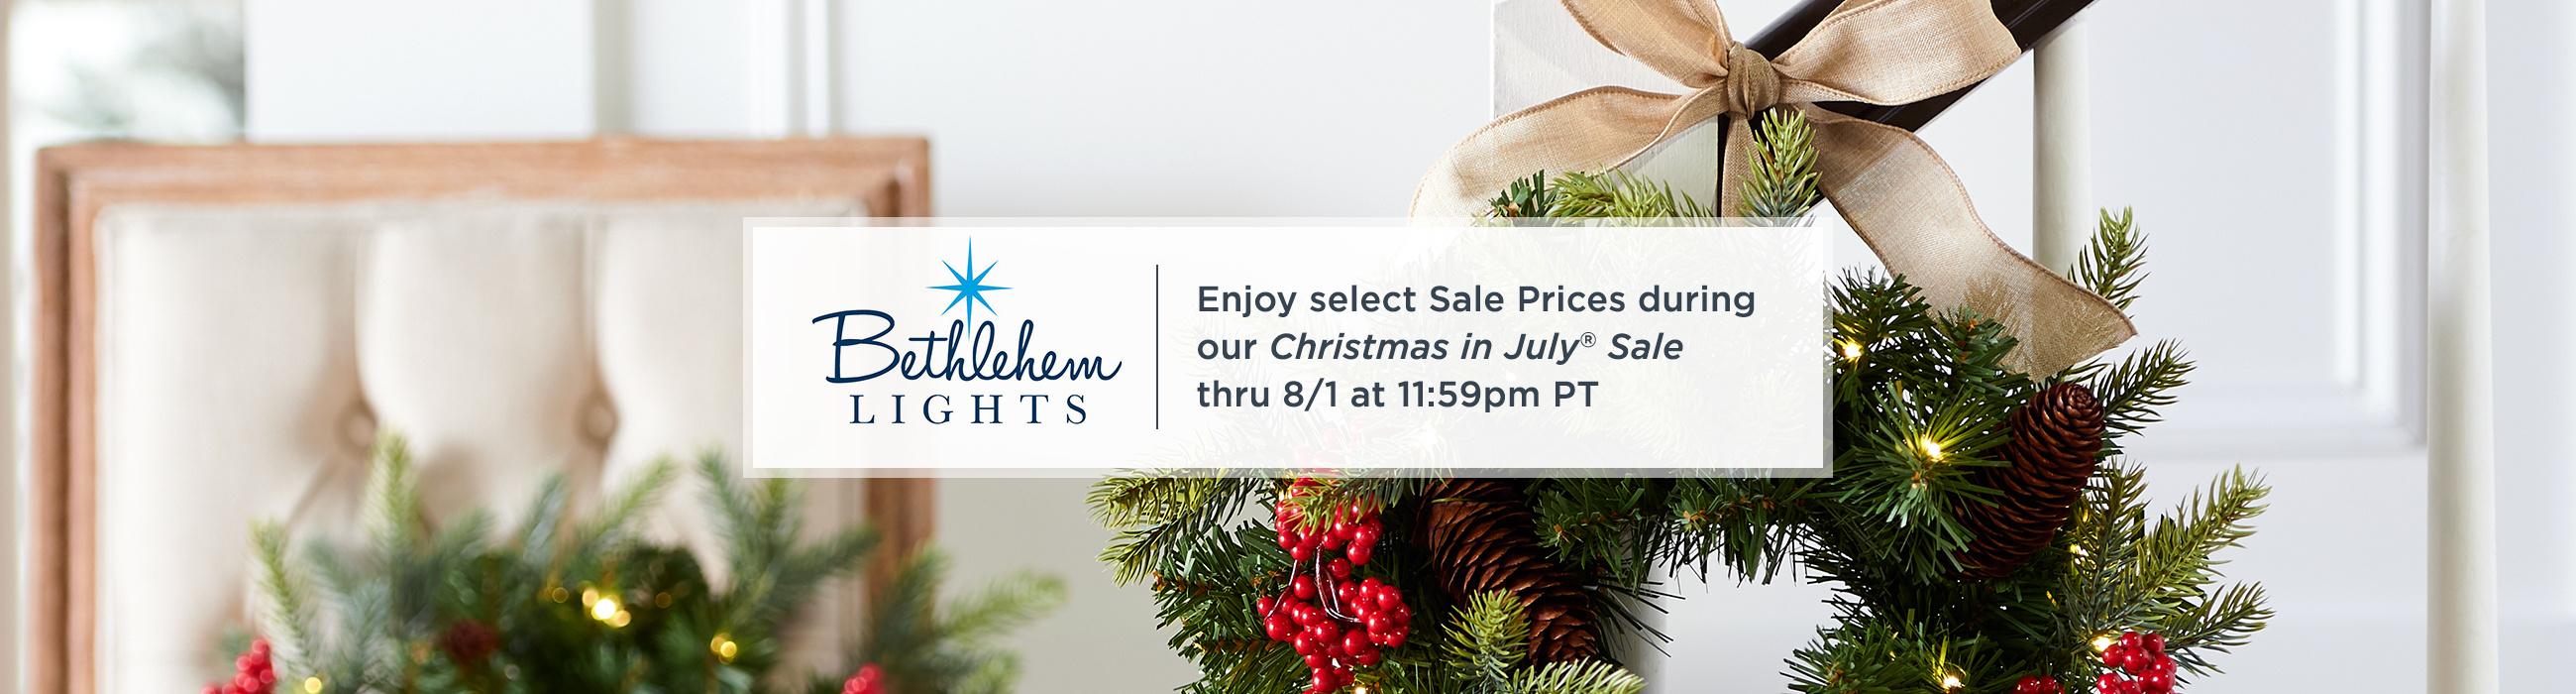 Bethlehem Lights - Decorations, Trees, Candles — QVC.com